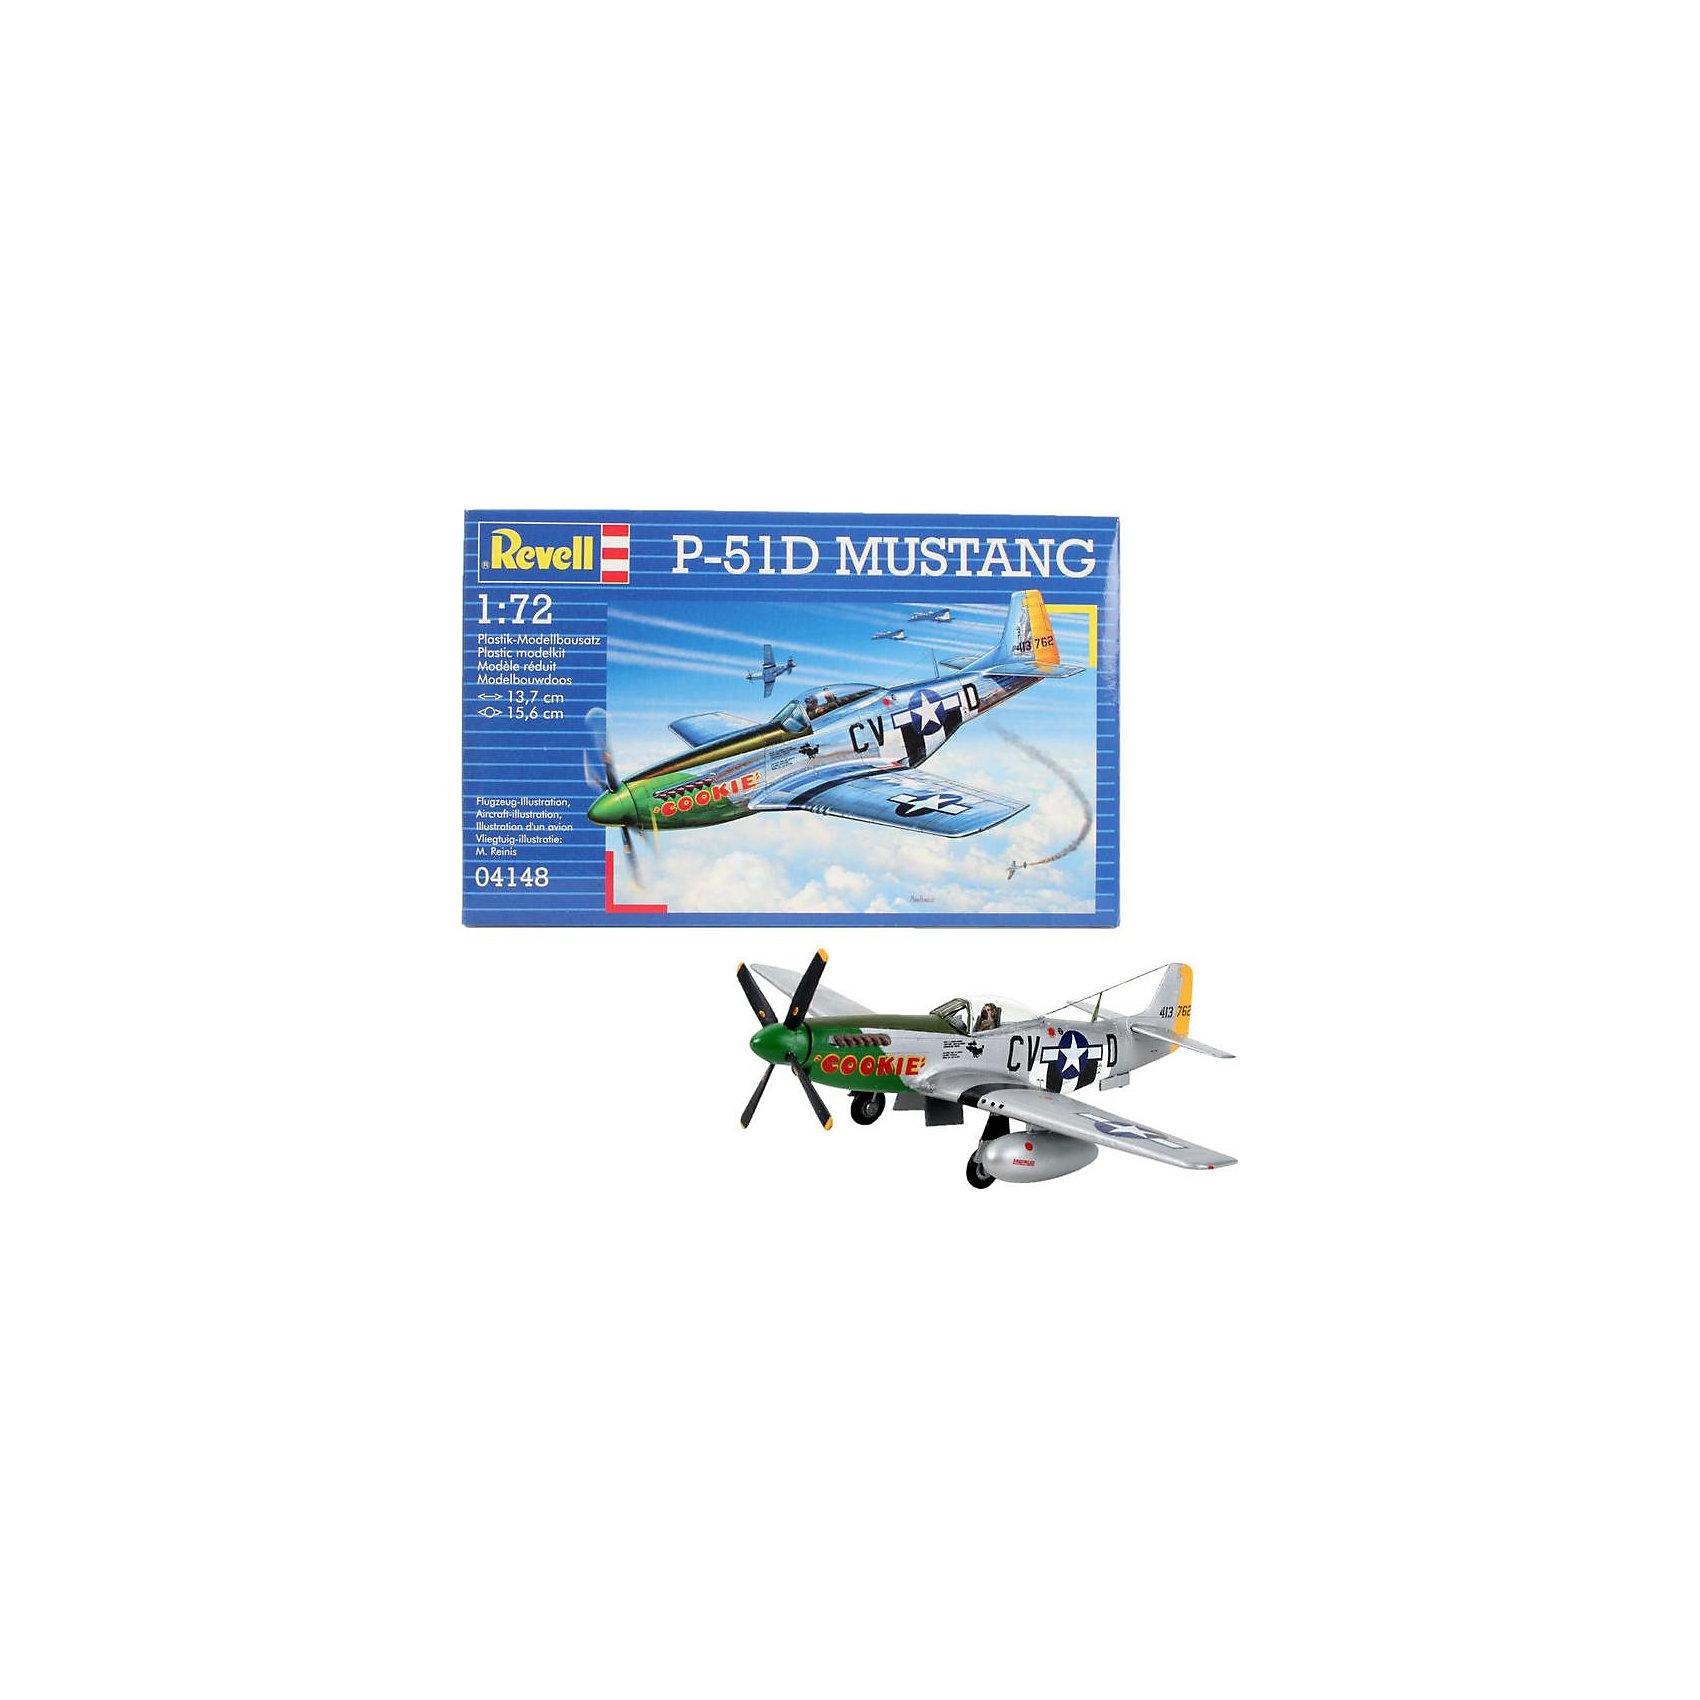 Самолет P-51D MustangМодели для склеивания<br>P-51D – американский одноместный истребитель времен Второй мировой. Использовался Королевскими ВВС как самолет-разведчик и истребитель прикрытия для дальних бомбардировщиков. Применялся во время войны в Корее <br>Масштаб: 1:72 <br>Количество деталей: 34 <br>Длина модели: 137 мм <br>Размах крыльев: 156 мм <br>Уровень сложности: 3 <br>Клей и краски в комплект не входят<br><br>Ширина мм: 207<br>Глубина мм: 132<br>Высота мм: 34<br>Вес г: 120<br>Возраст от месяцев: 144<br>Возраст до месяцев: 1188<br>Пол: Мужской<br>Возраст: Детский<br>SKU: 2071087